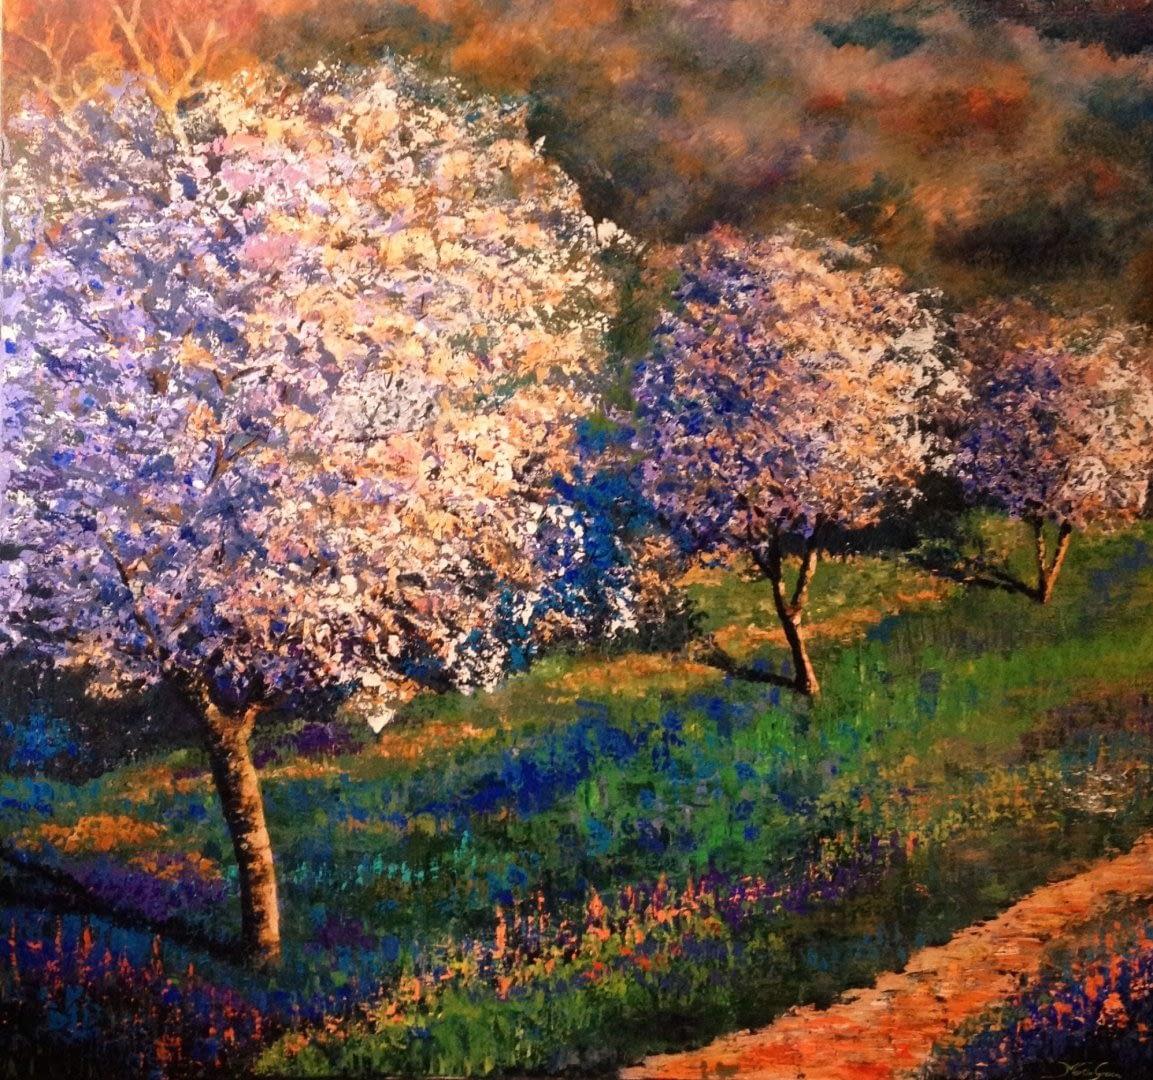 kunstwerk met bomen en landschap van kunstenaar van Kunstenaarscollectief WIT